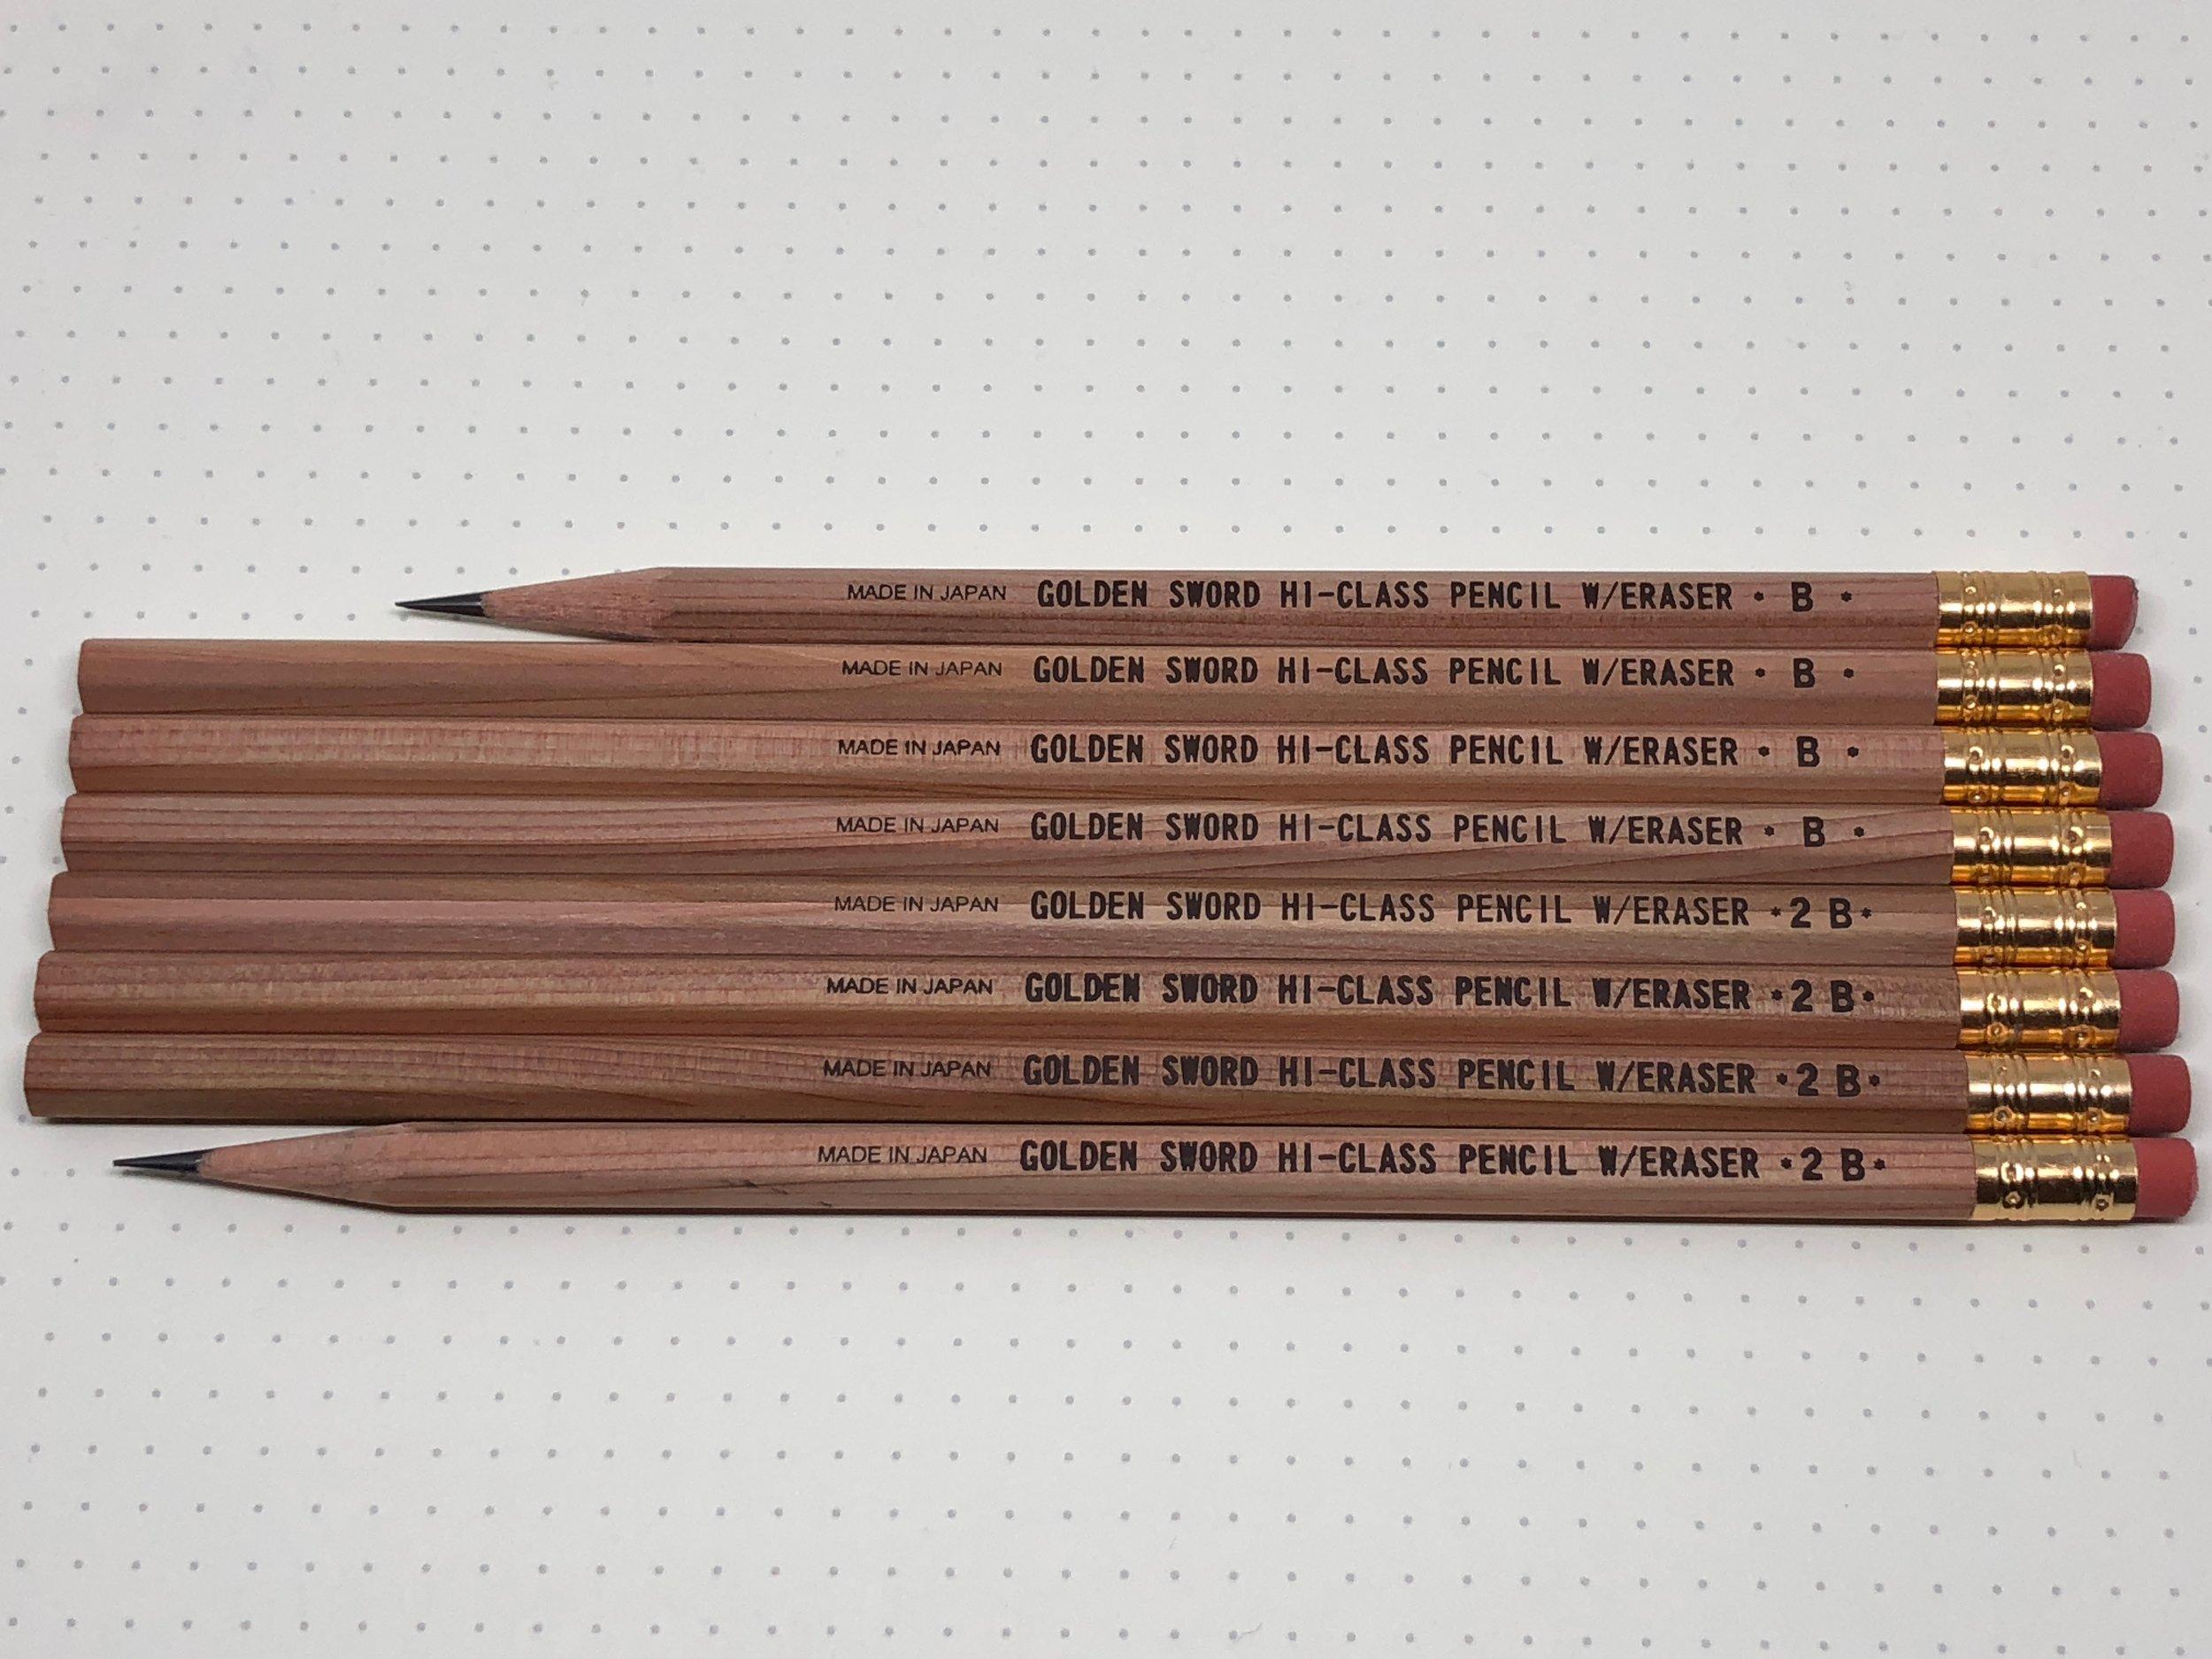 daiso-golden-sword-pencil-1.jpg